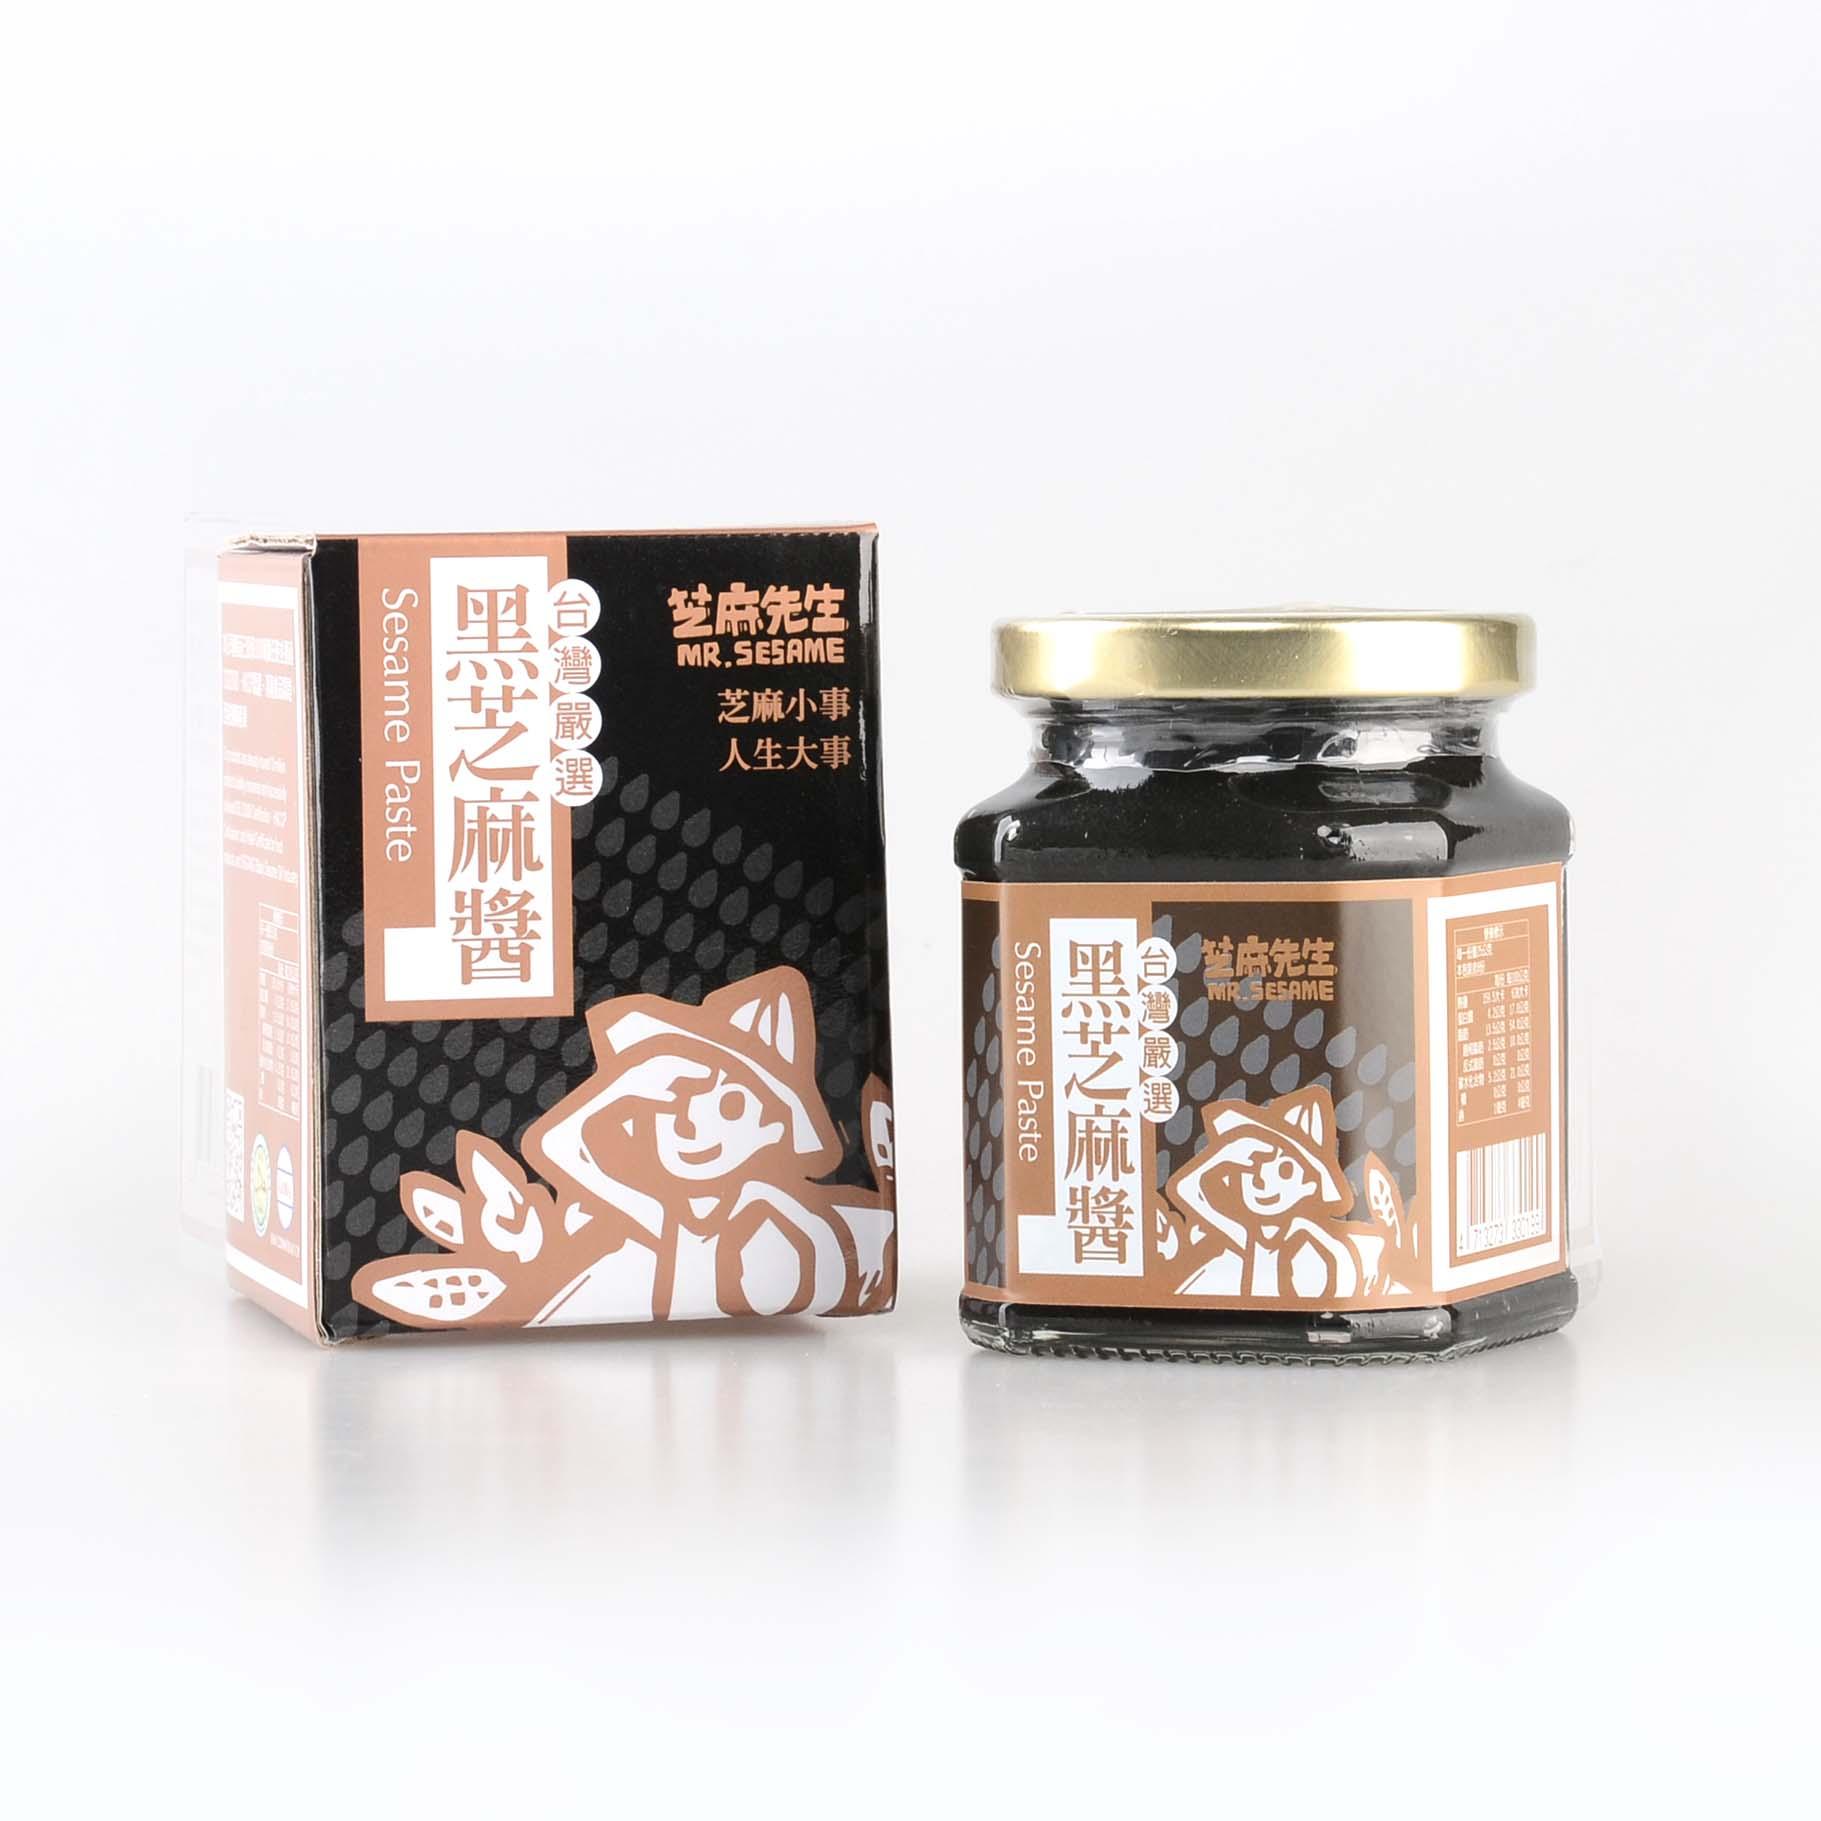 台灣嚴選黑芝麻醬